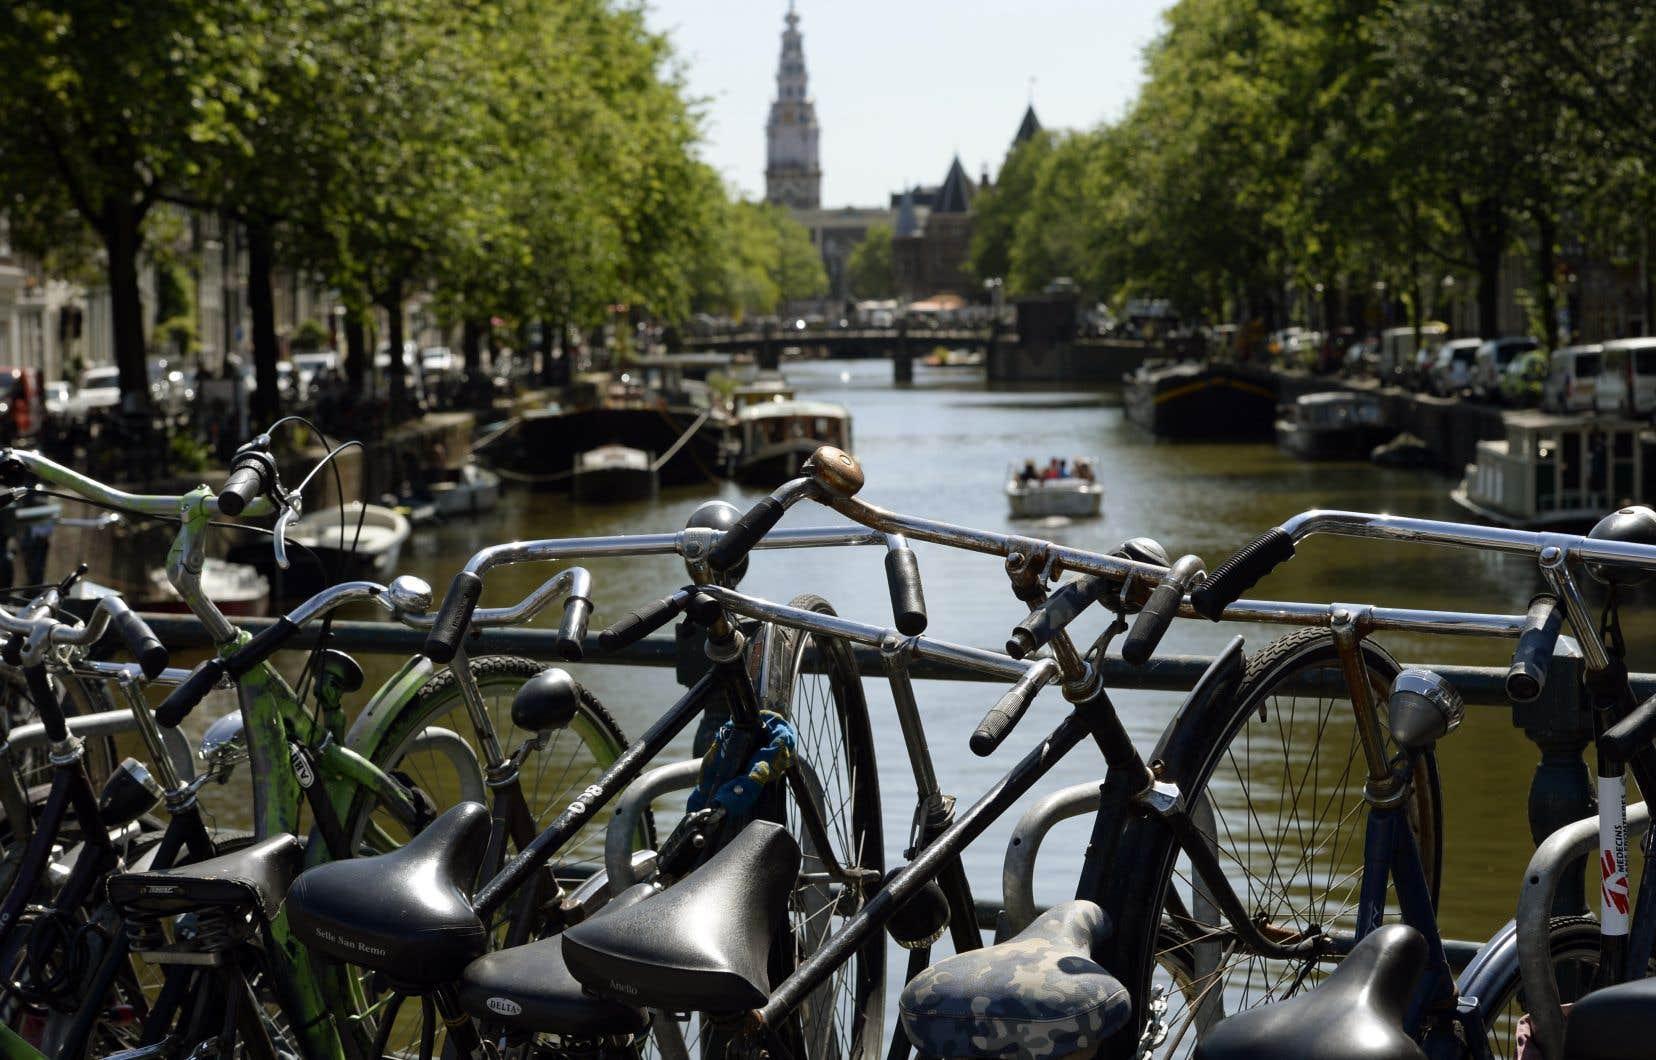 Aux Pays-Bas, se déplacer à bicyclette est un mode de vie: le pays compte près de 23millions de vélos pour 17 millions d'habitants.